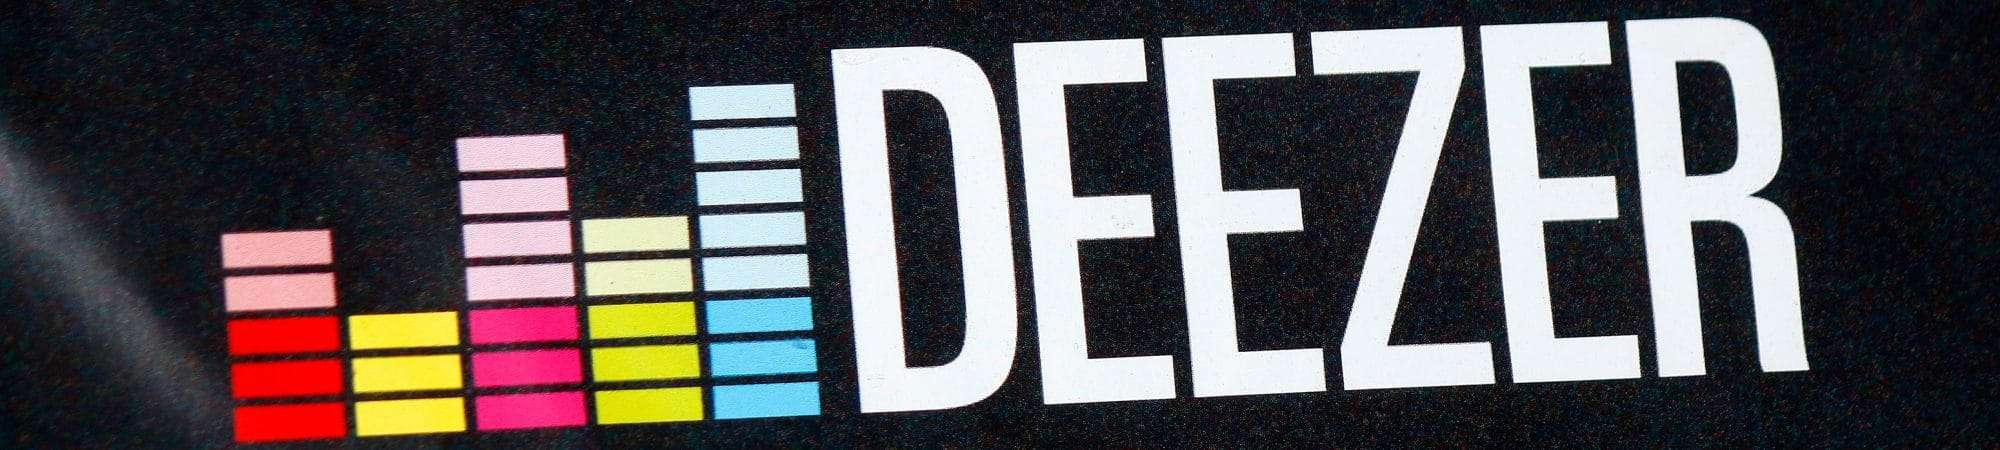 Deezer - Plataforma de streaming de música on-line